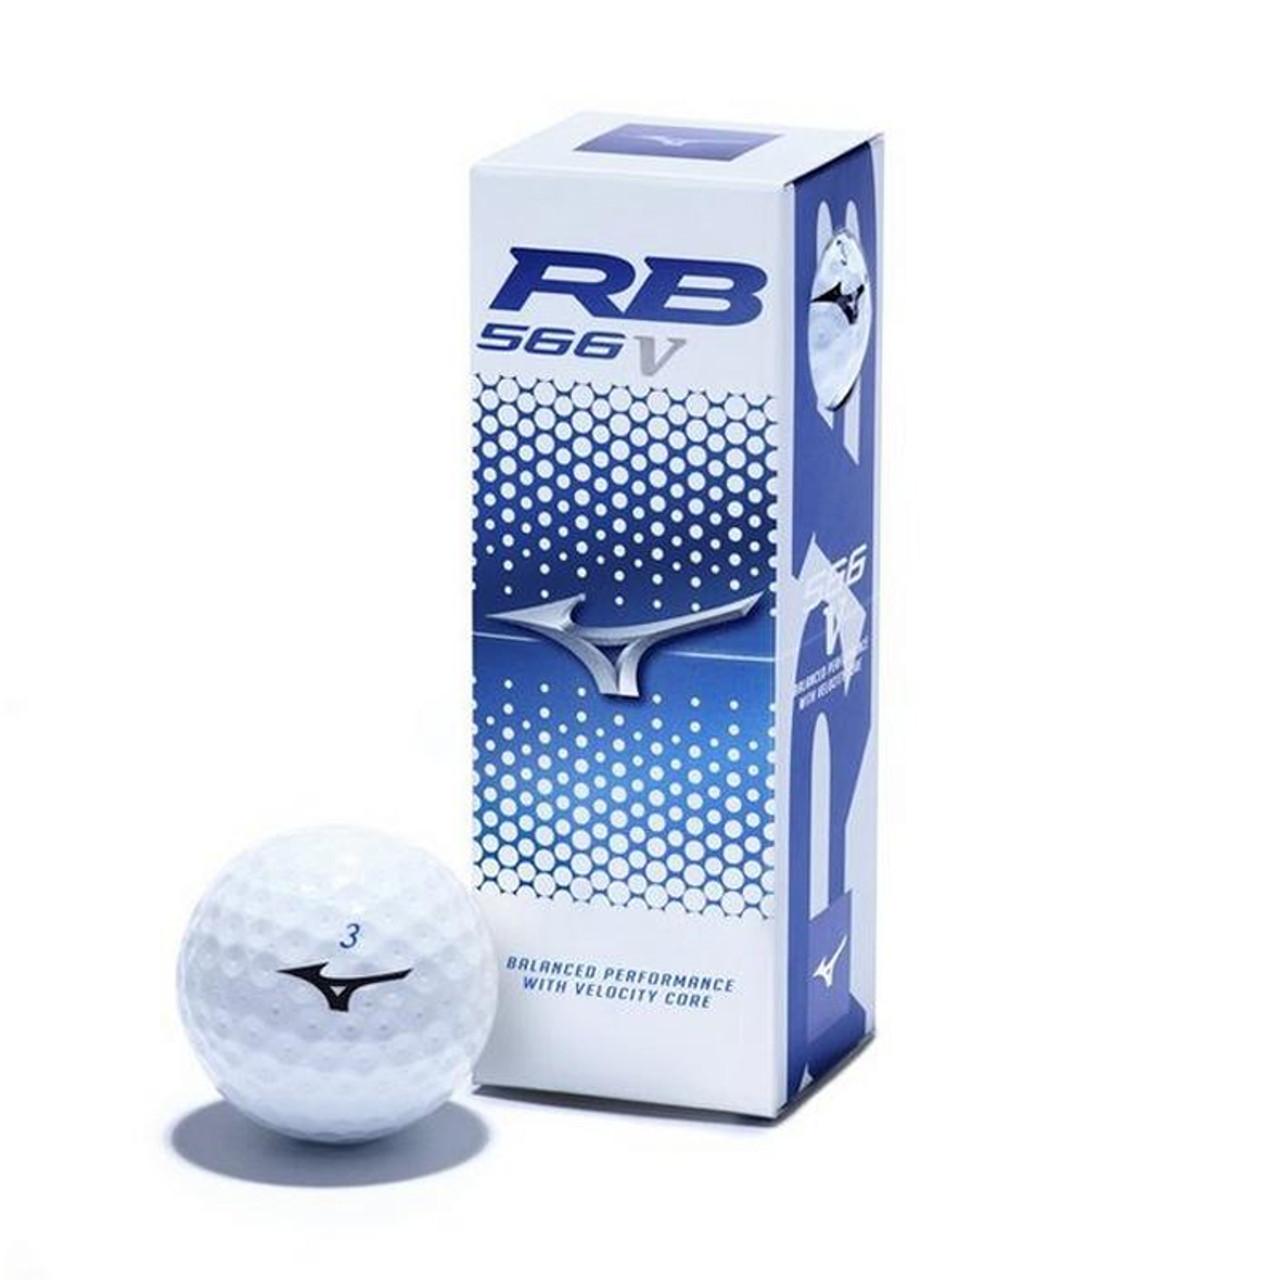 Mizuno RB 566V Dozen Golf Balls